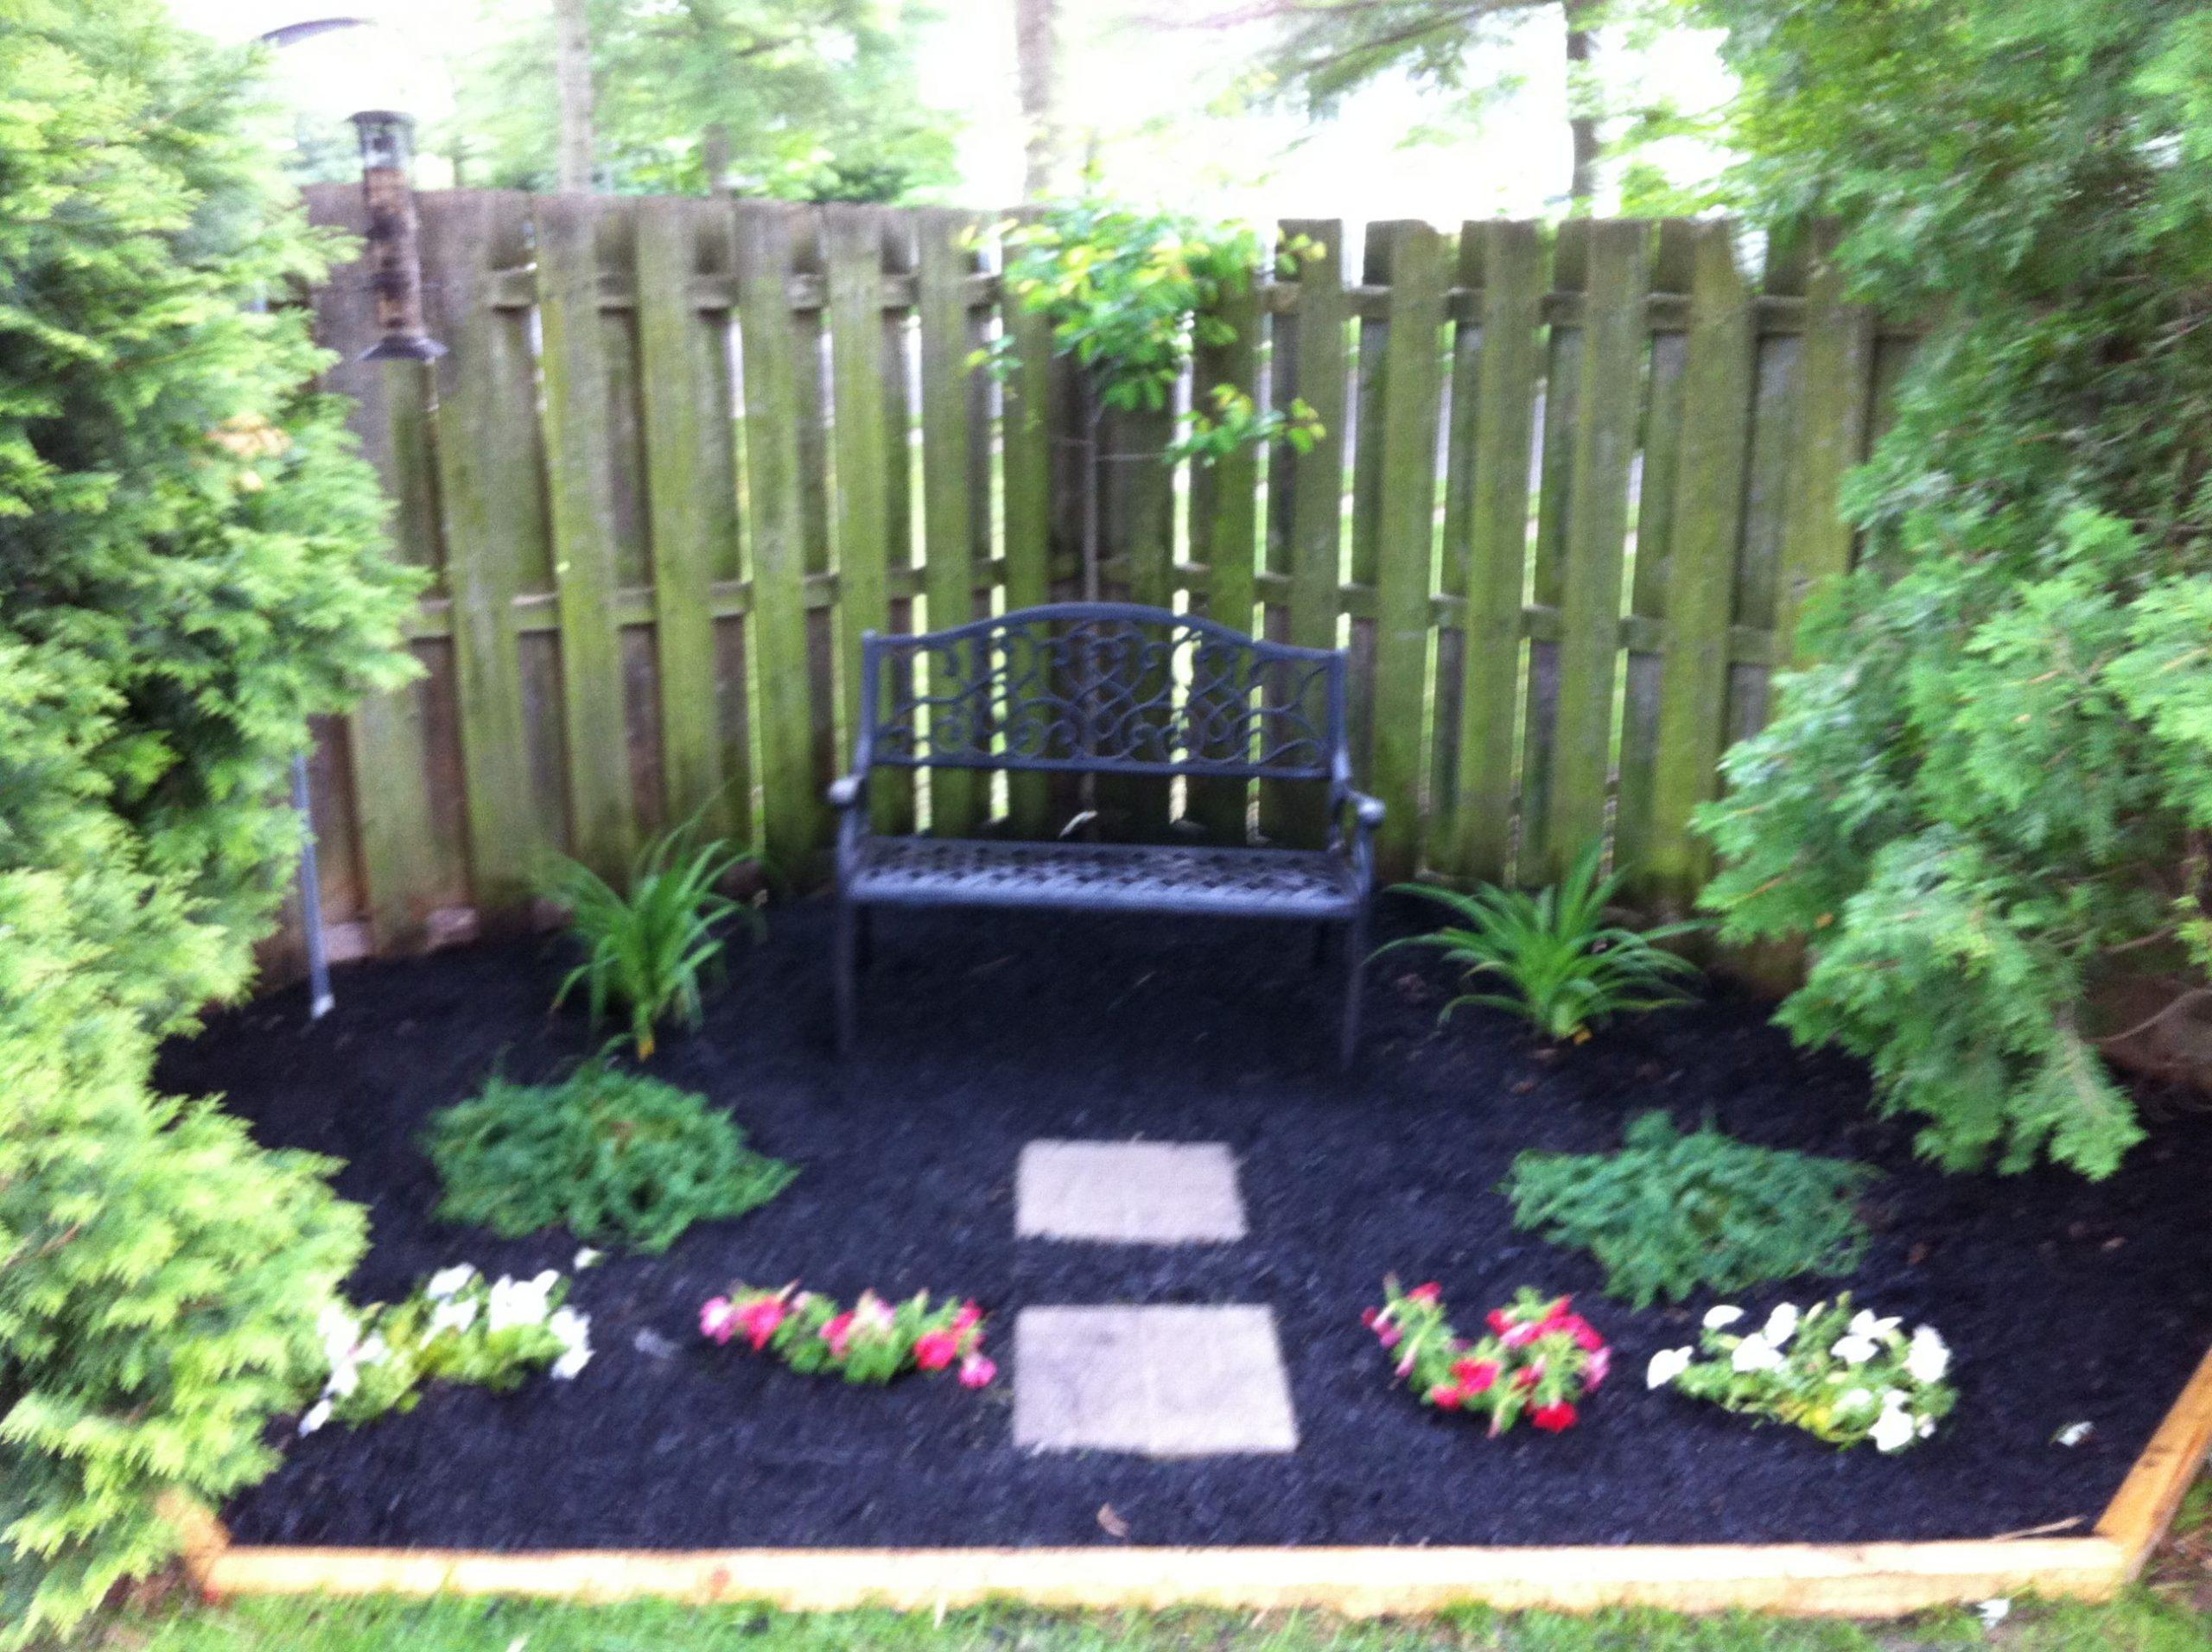 Memorial Garden Ideas For Mom